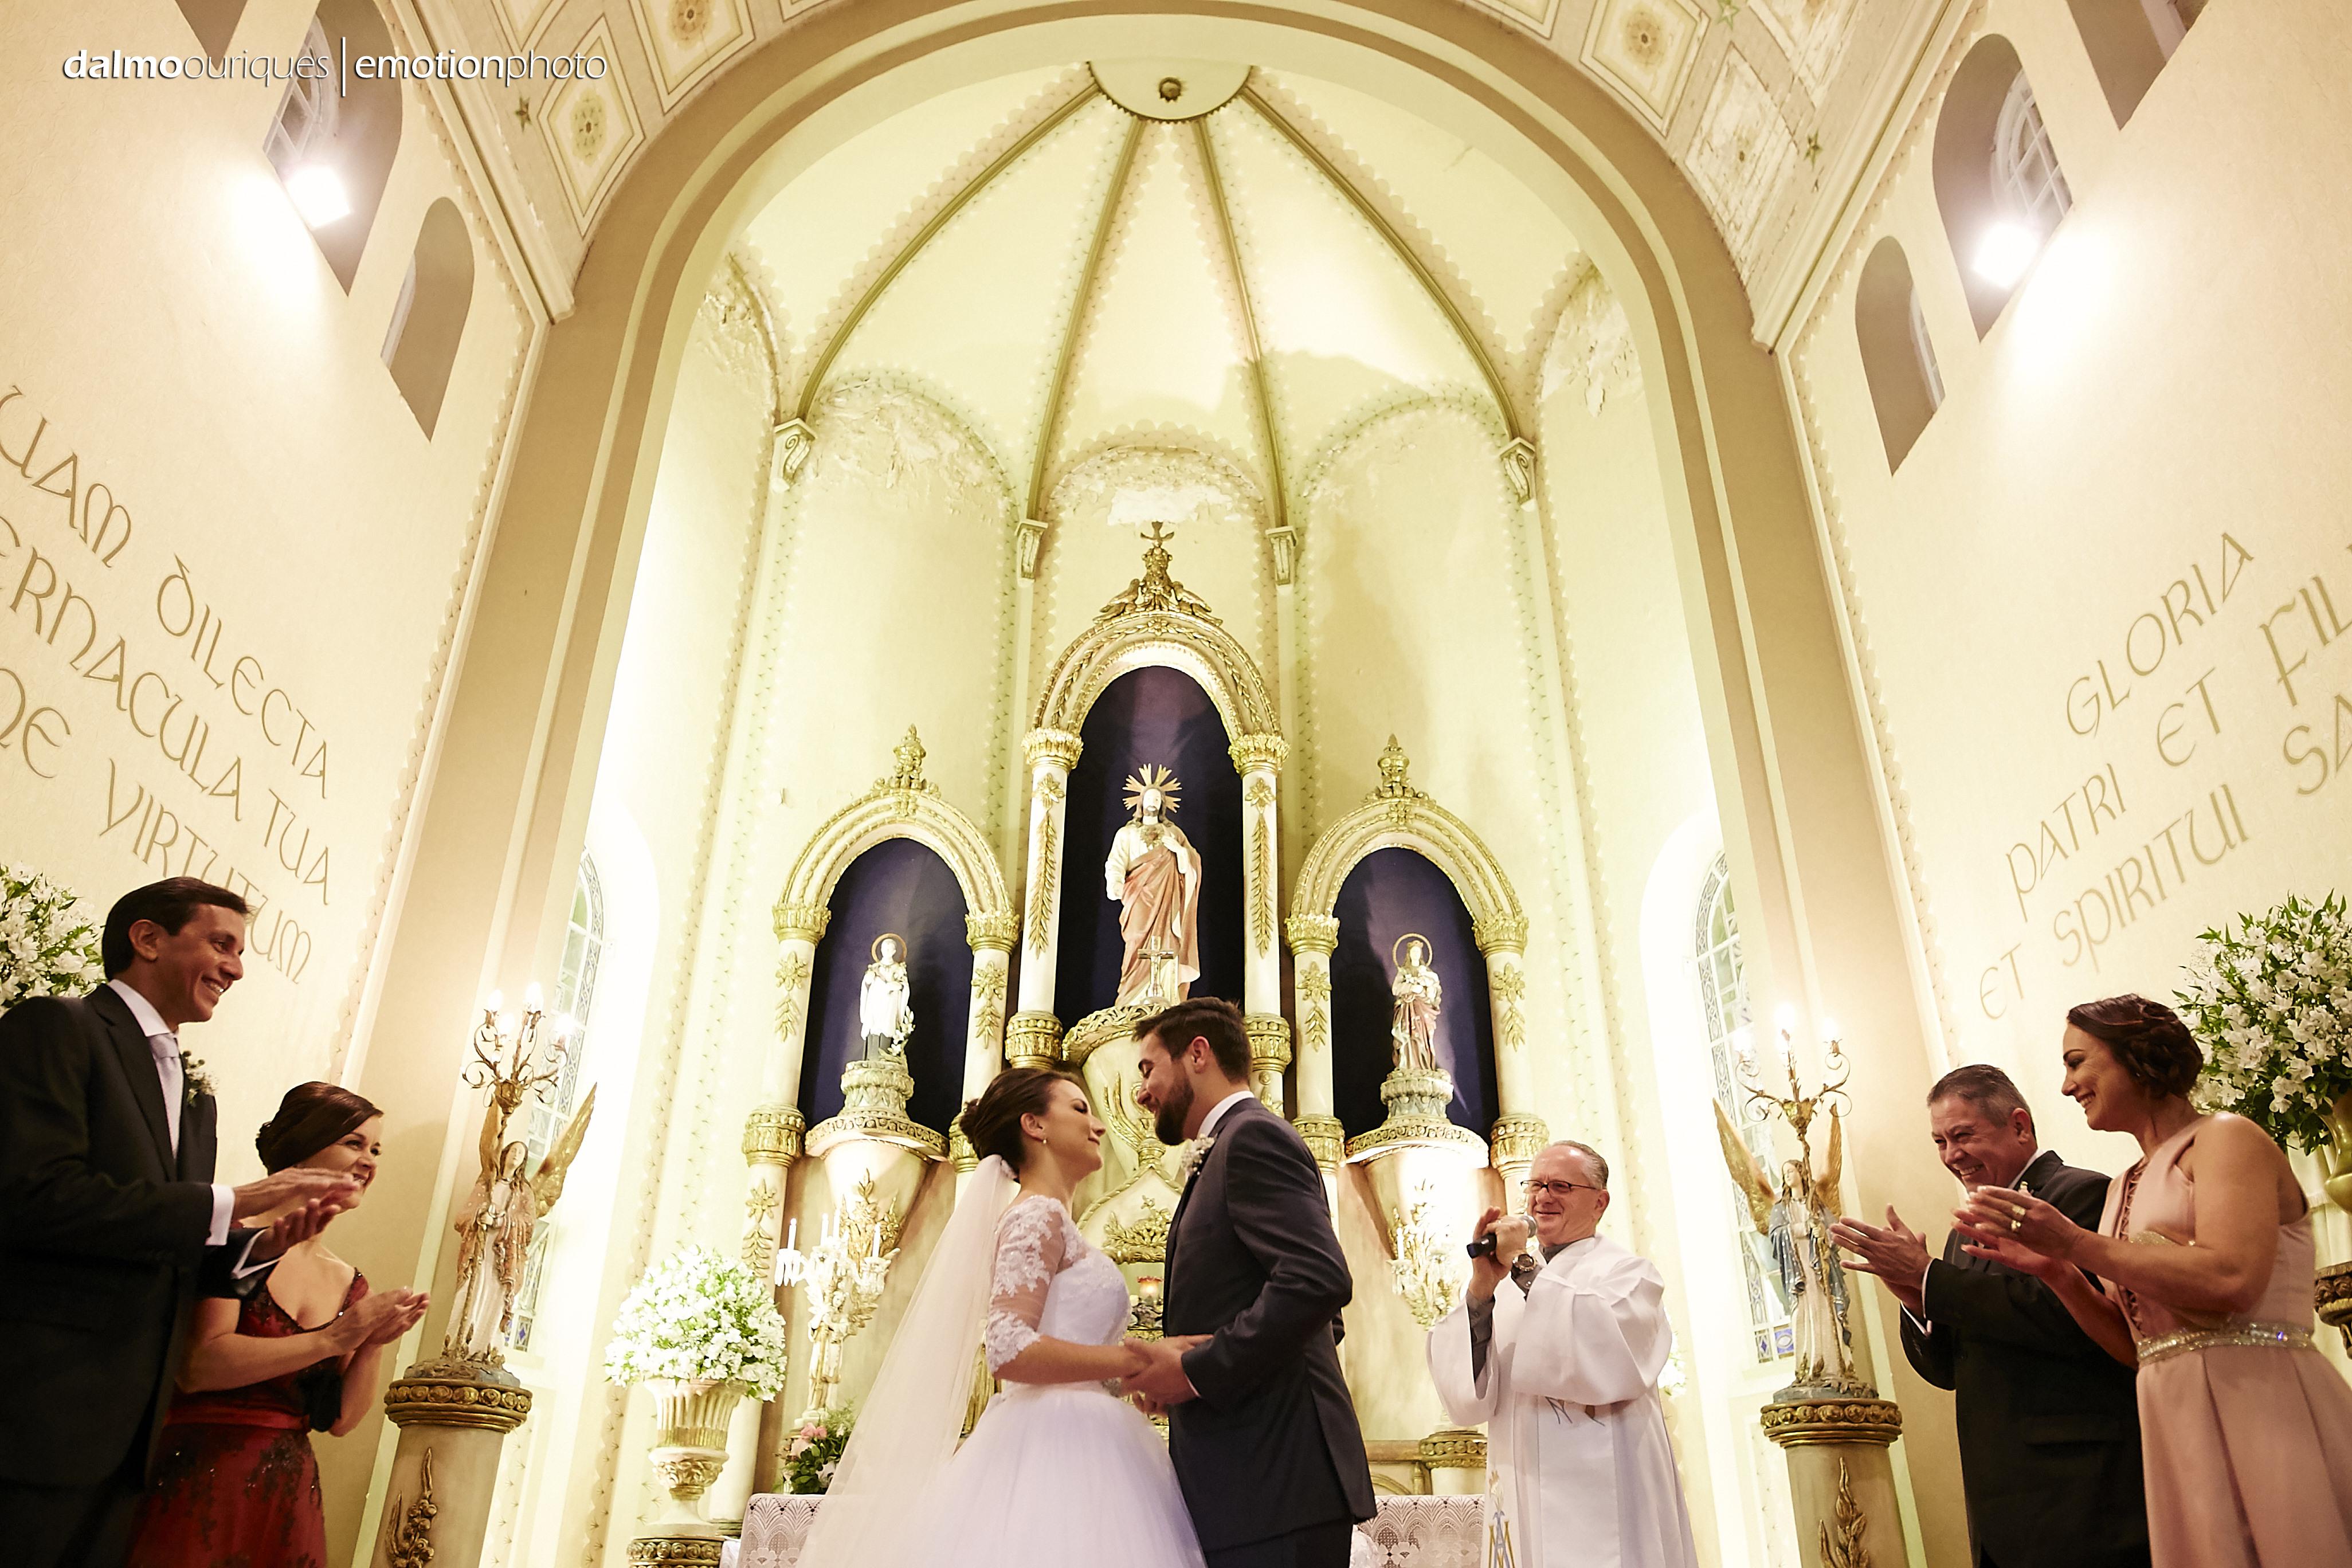 fotografia casamento florianopolis; fotografo casamento florianopolis; casamento em floripa; as igrejas mais lindas de florianopolis; igreja coração de Jesus; as melhore igrejas de florianopolis